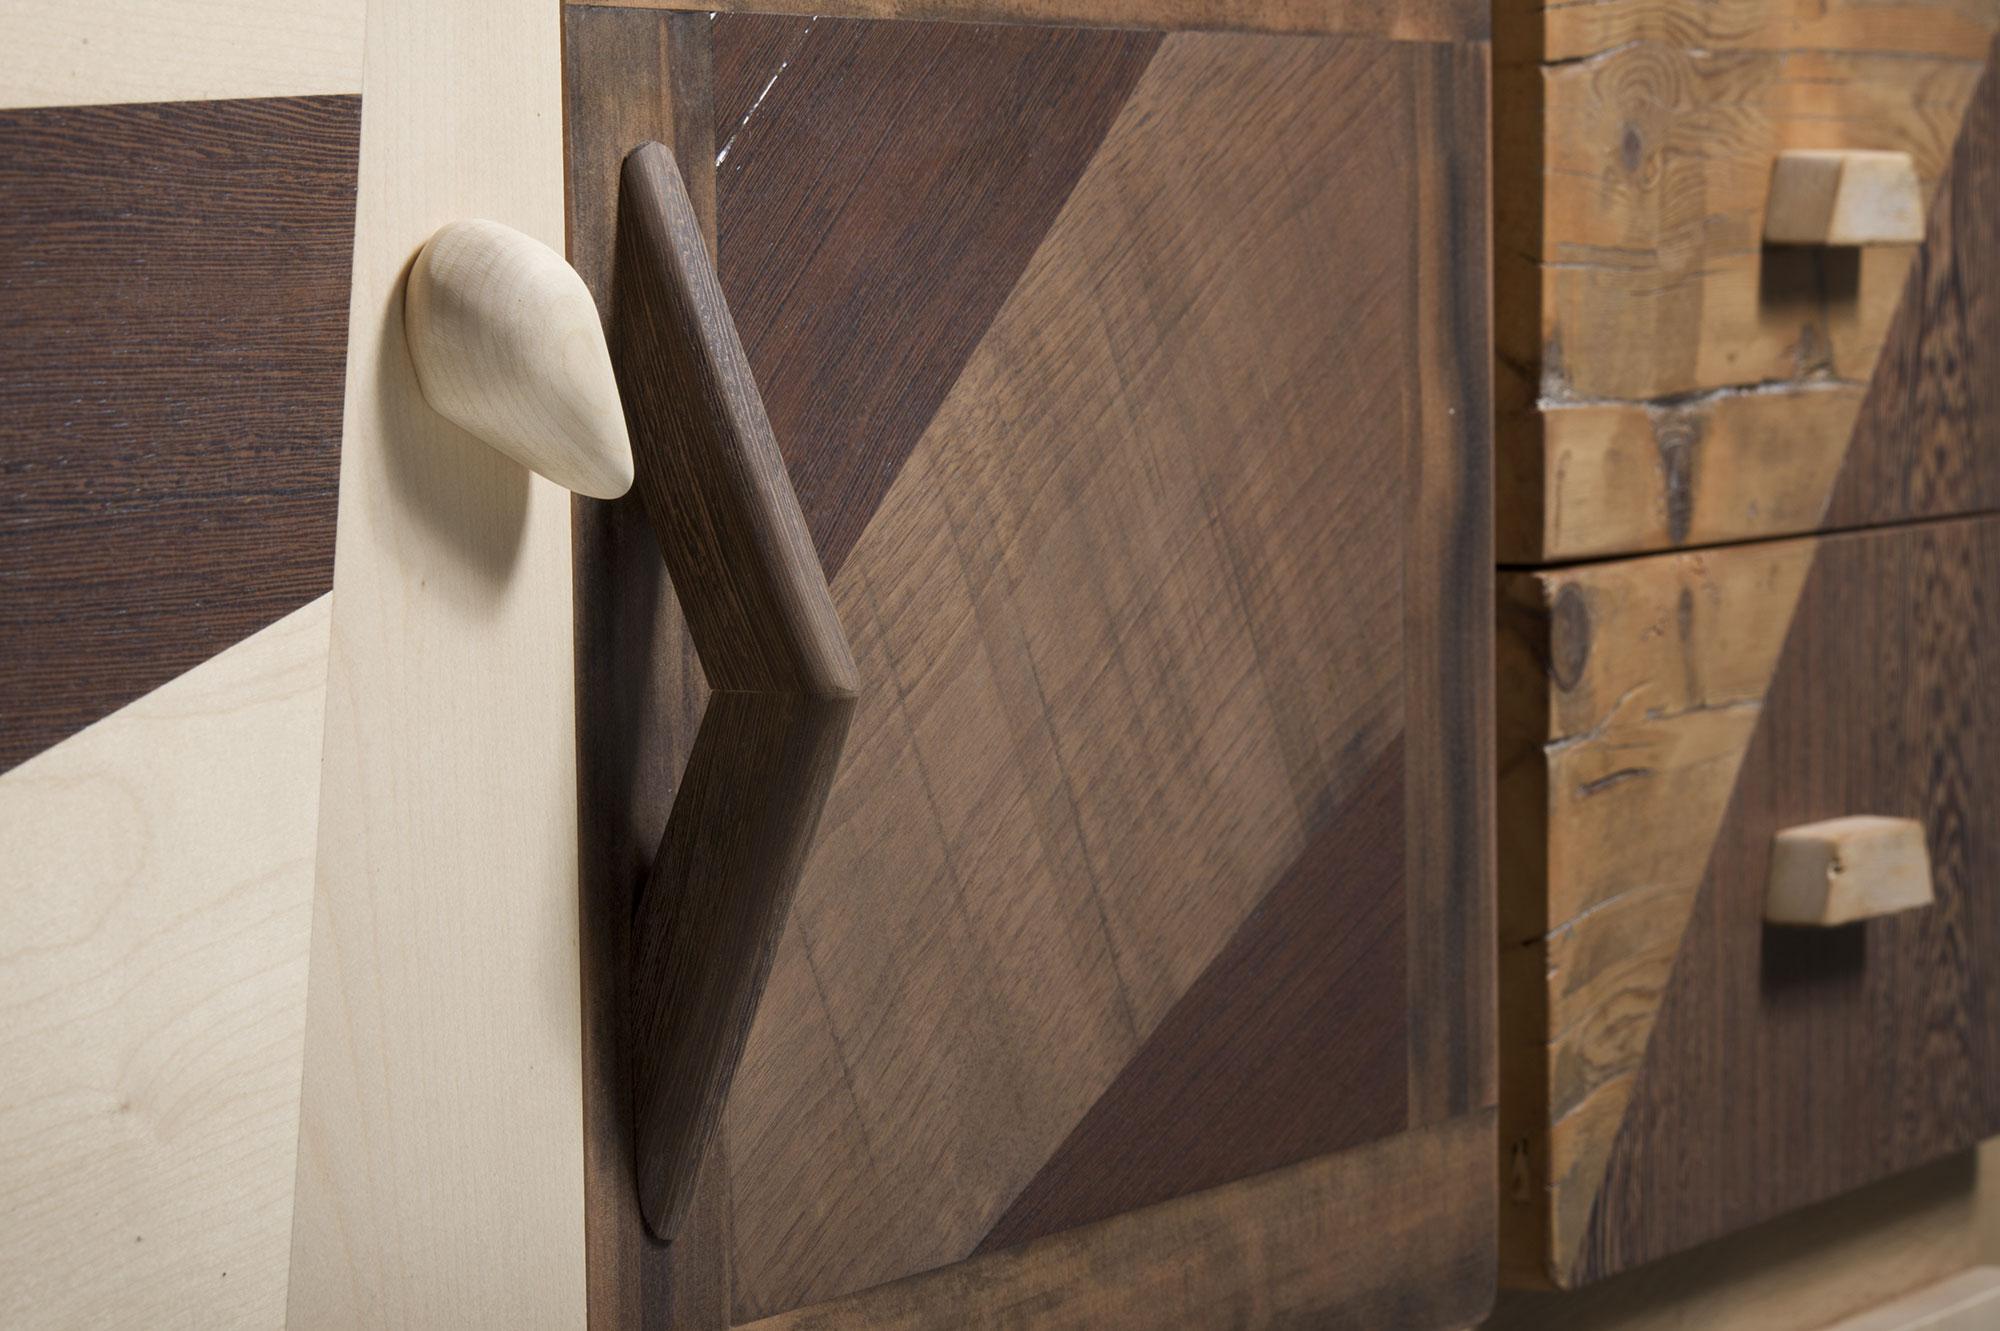 Pomelli di design. Madie e credenze moderne in legno su misura de Laquercia21